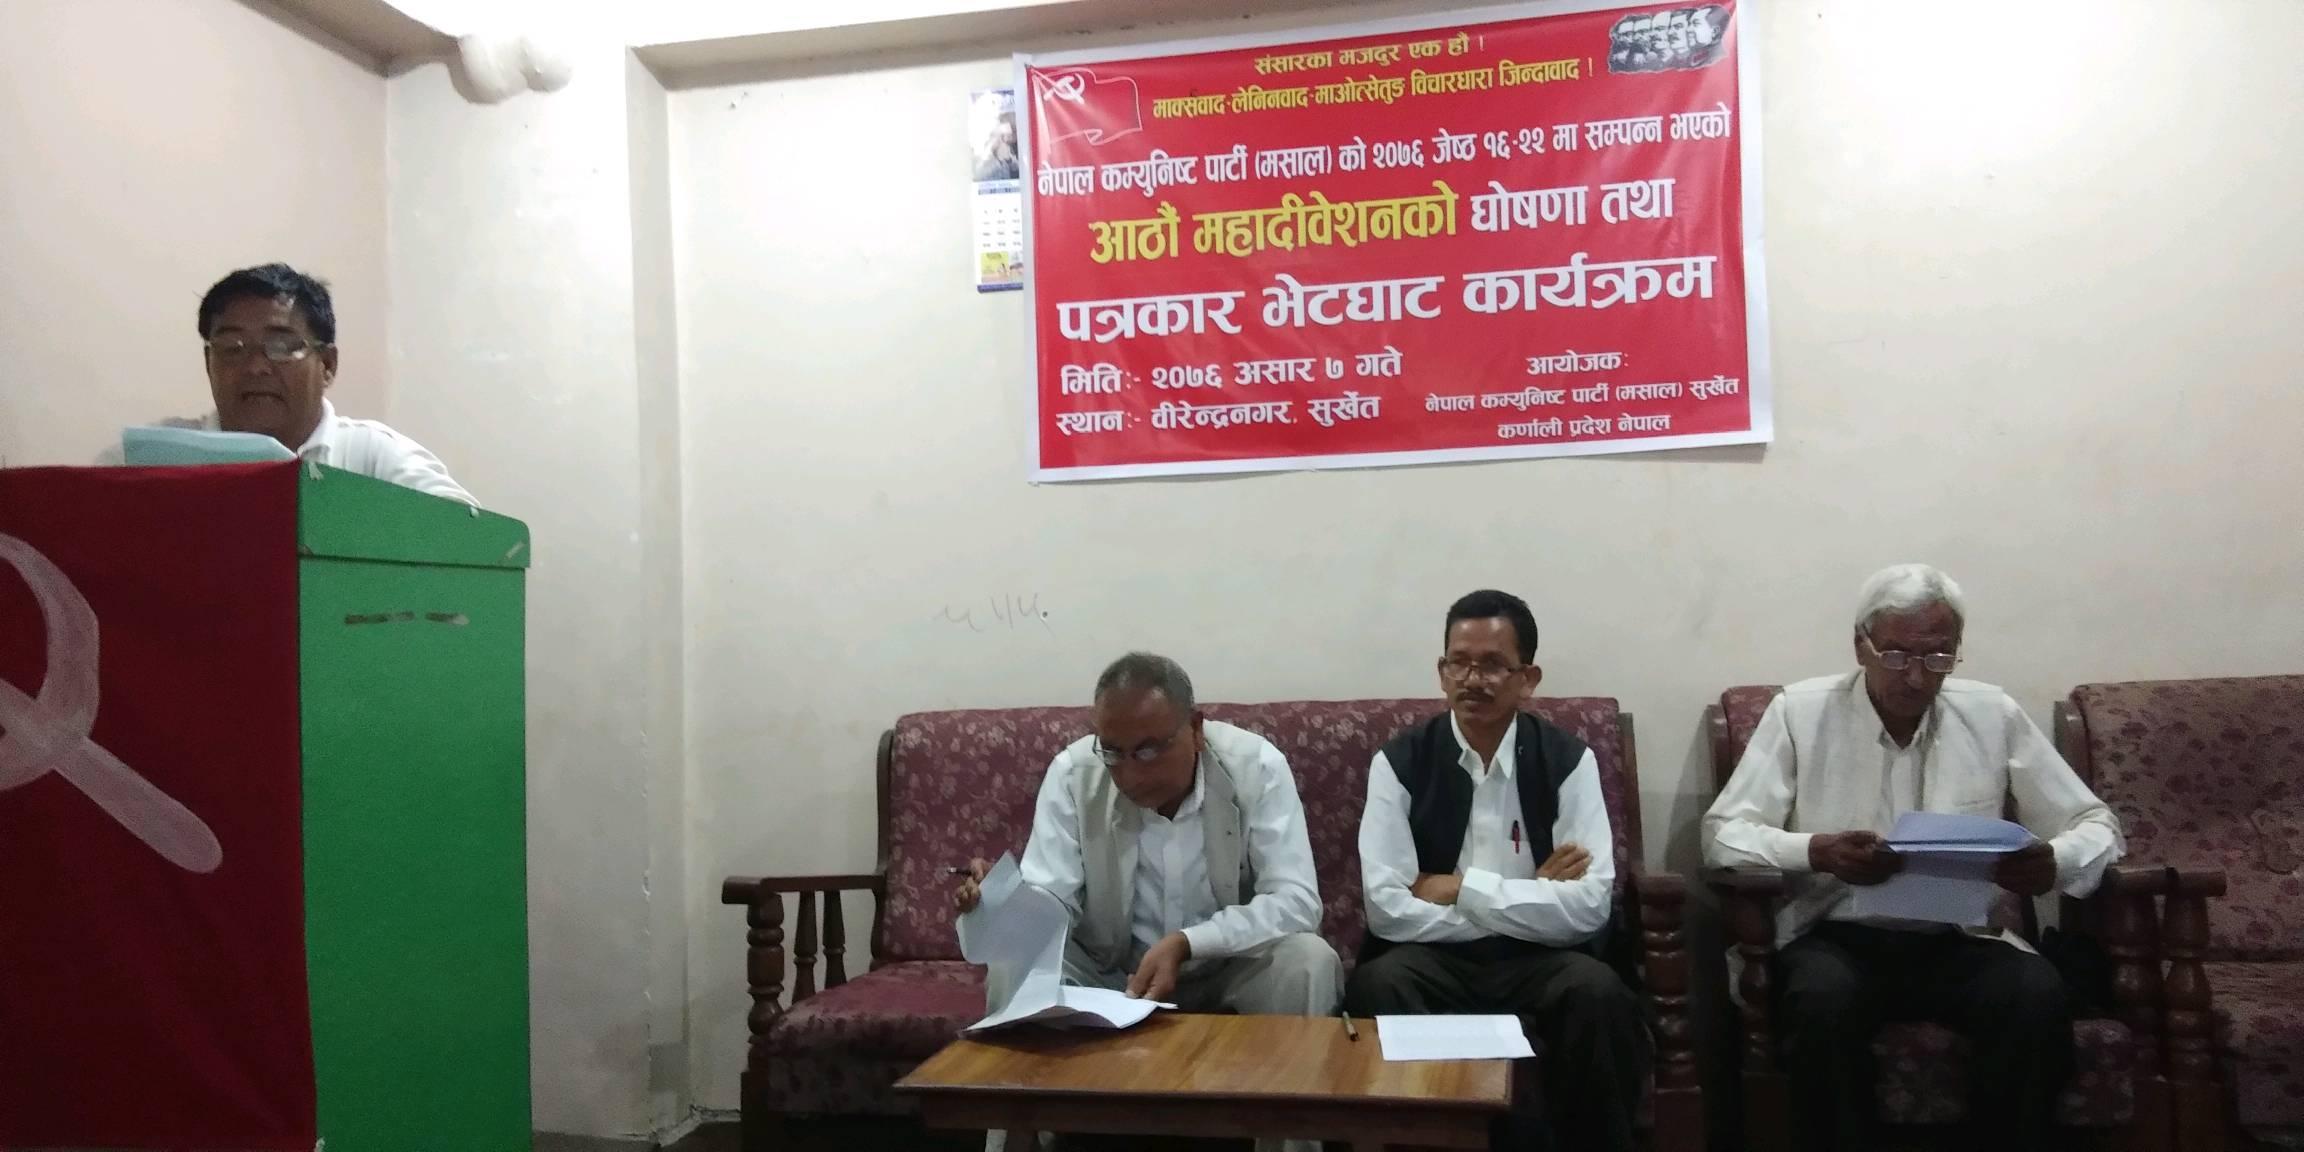 नेपाल कम्युनिष्ट पार्टी (मसाल) को निर्णय सार्वजनिक